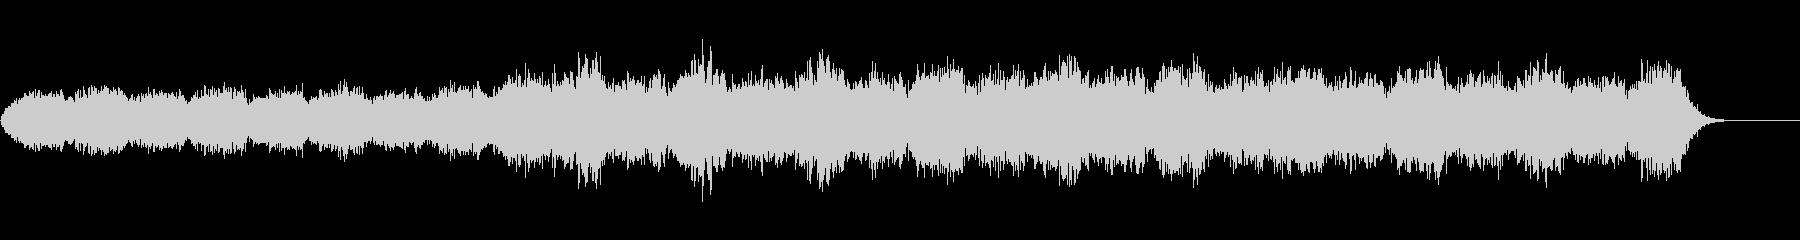 ソルフェジオ周波数使用のヒーリング音楽の未再生の波形